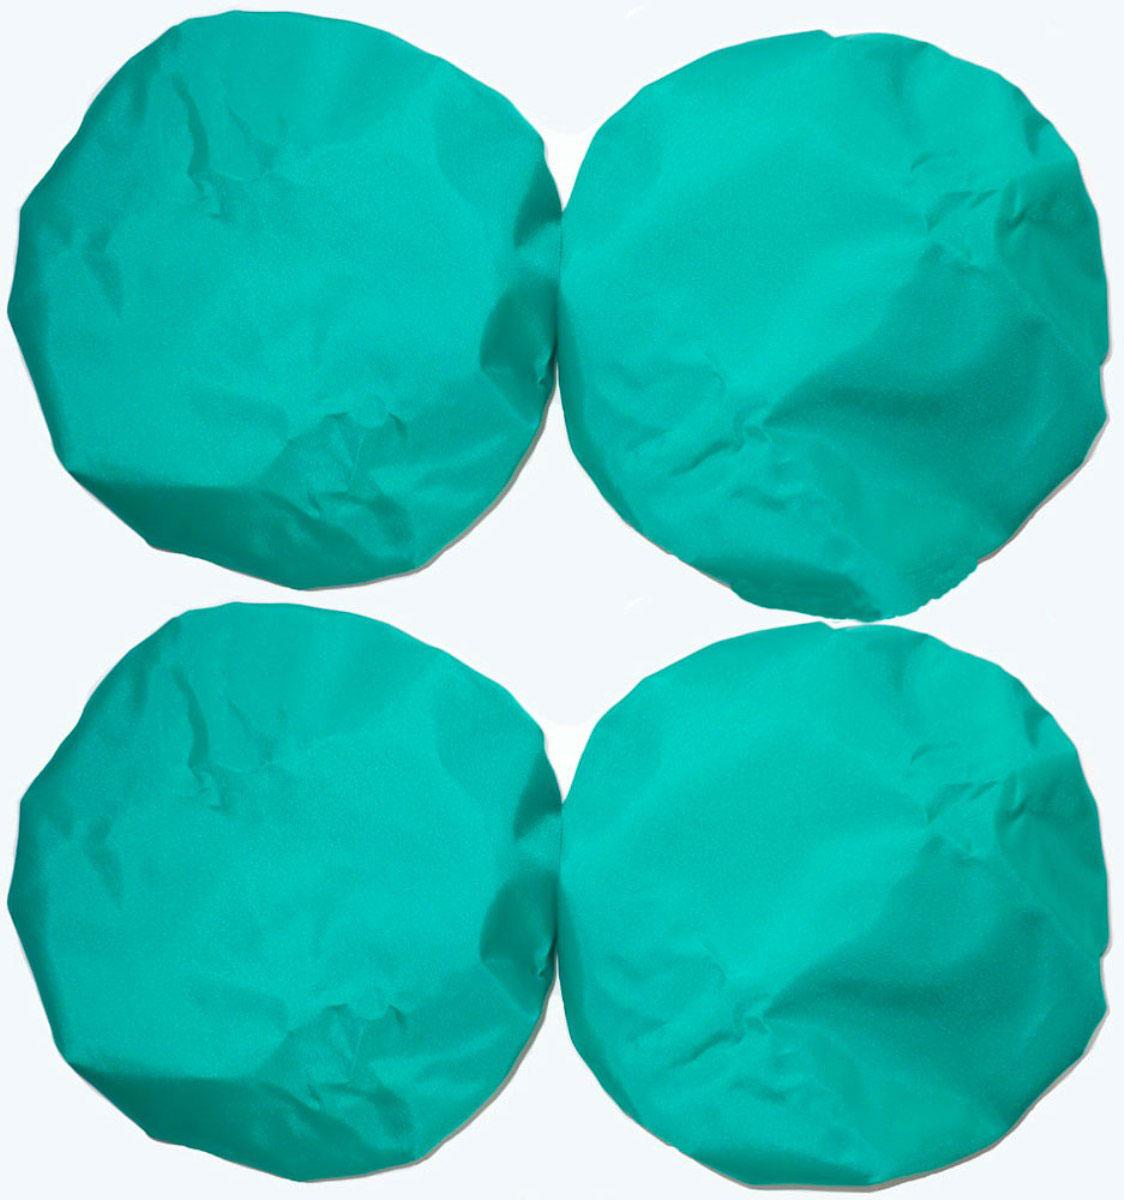 Чудо-Чадо Чехлы на колеса для коляски диаметр 28-38 см цвет зеленый 4 шт CHK01-004